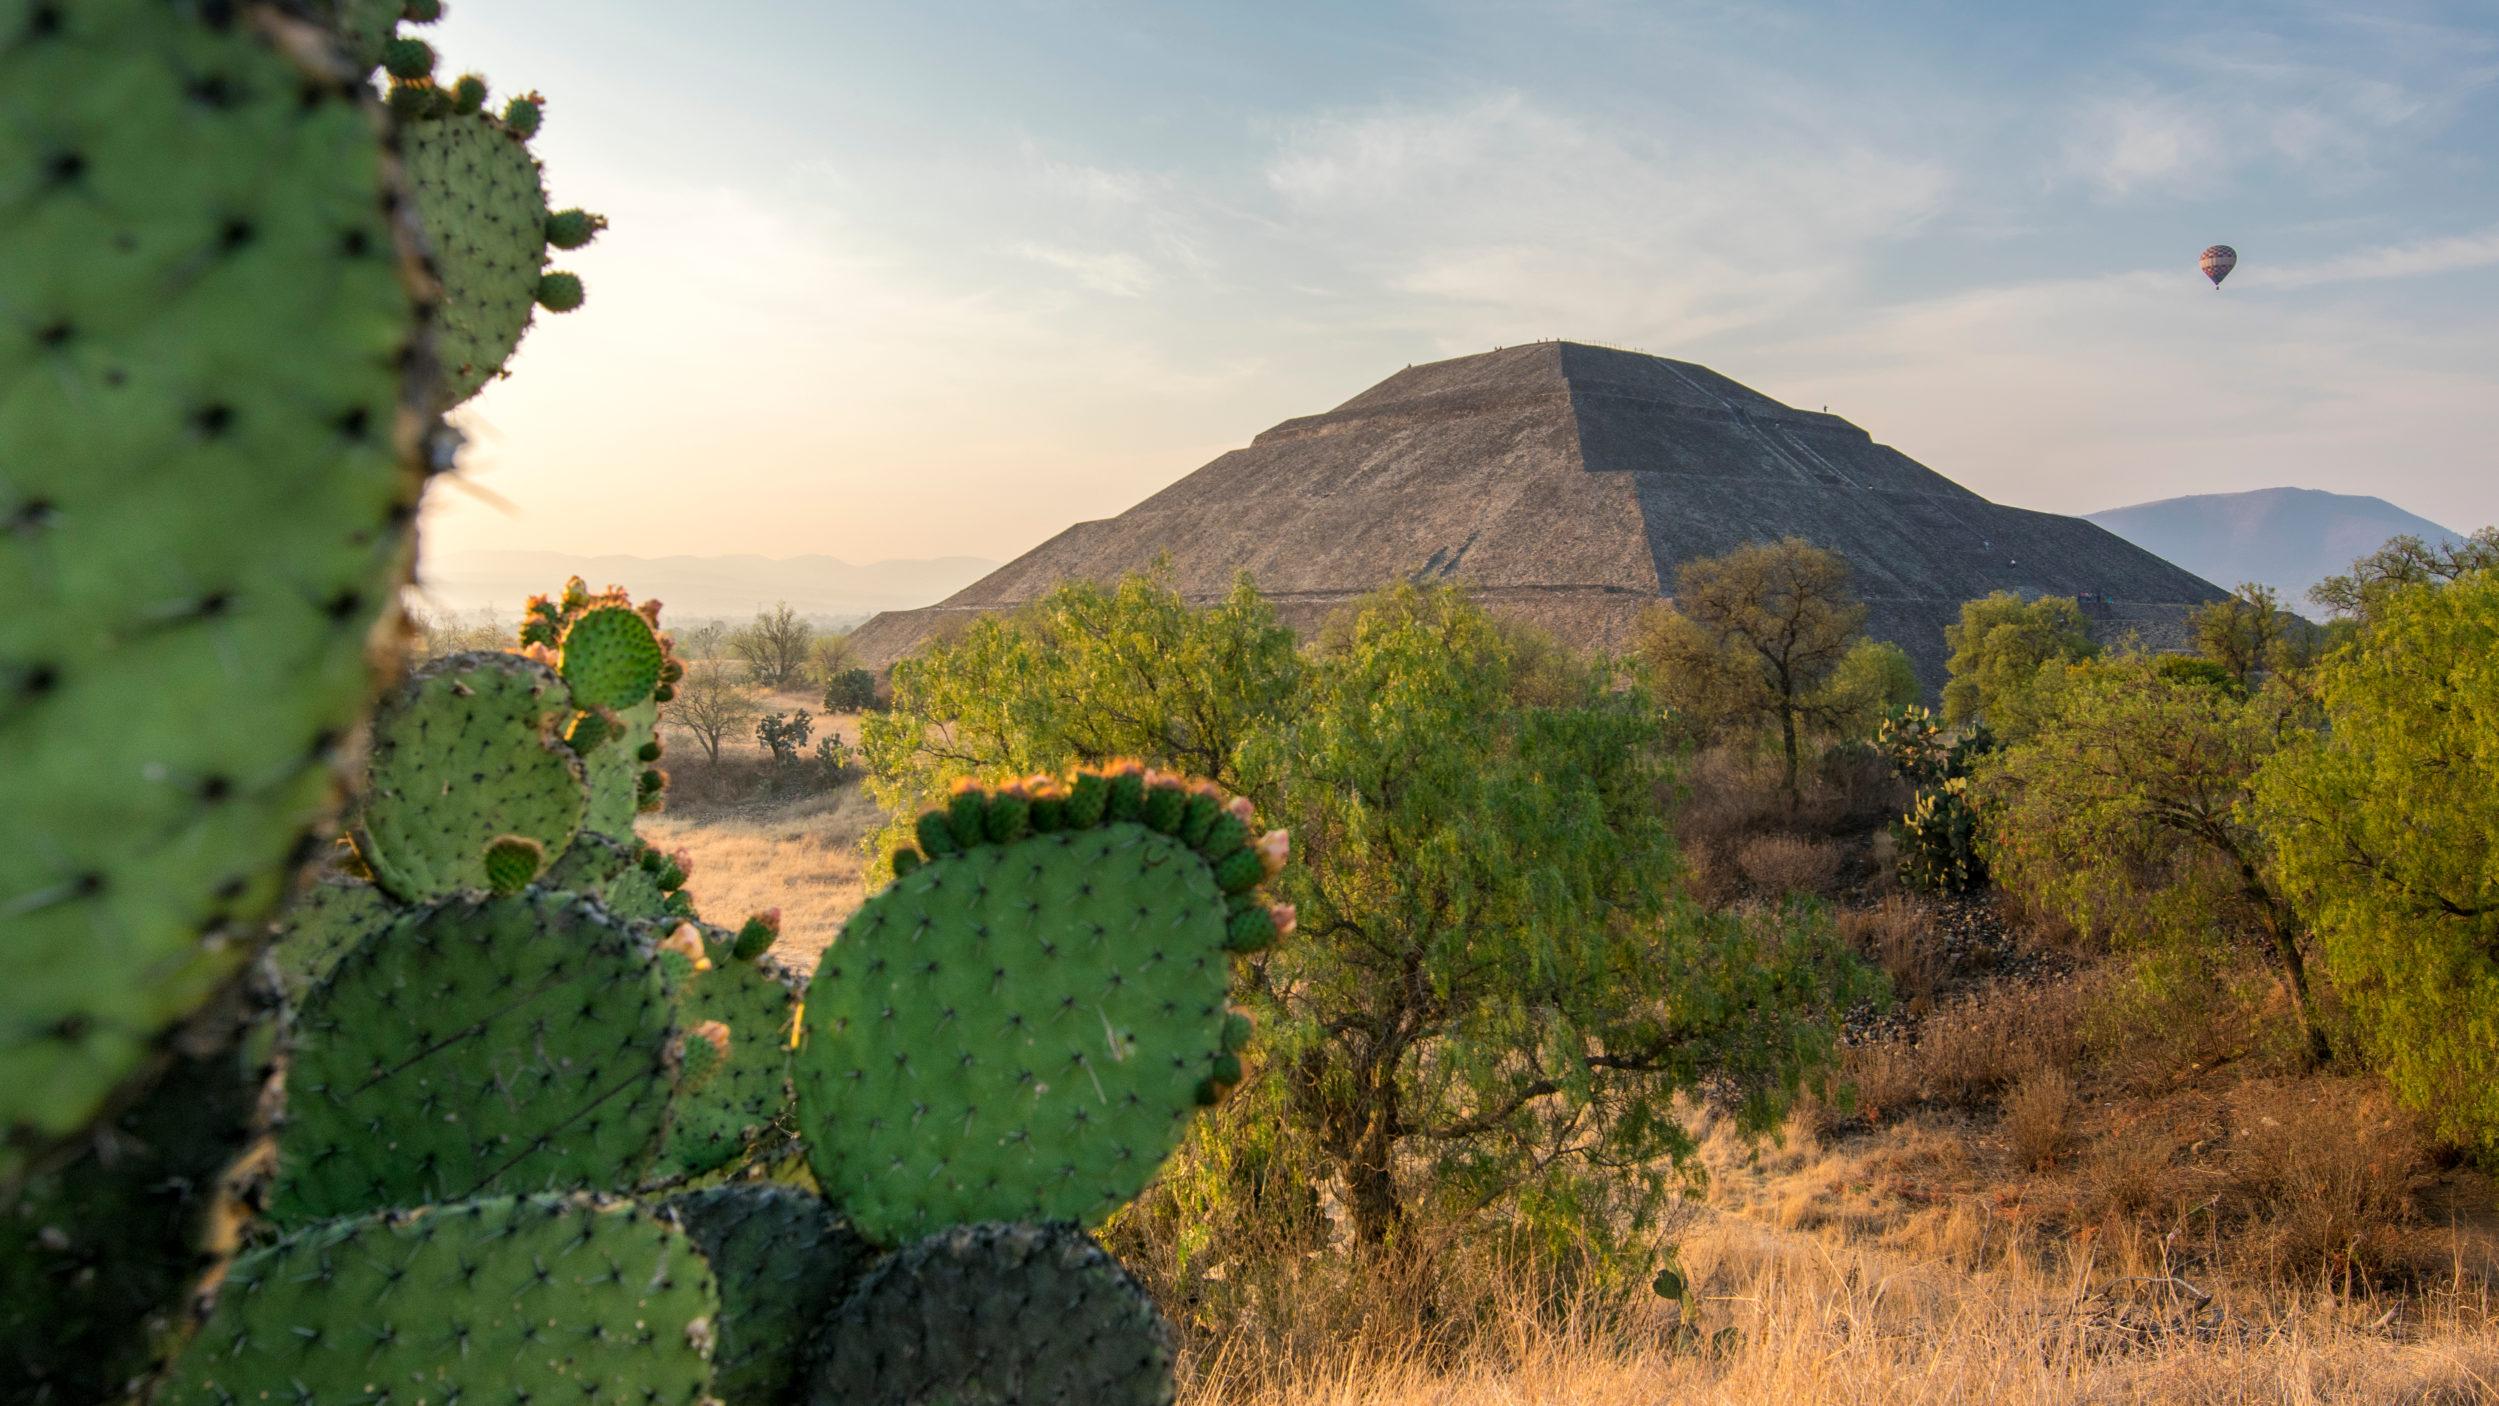 Mexico [Shutterstock]